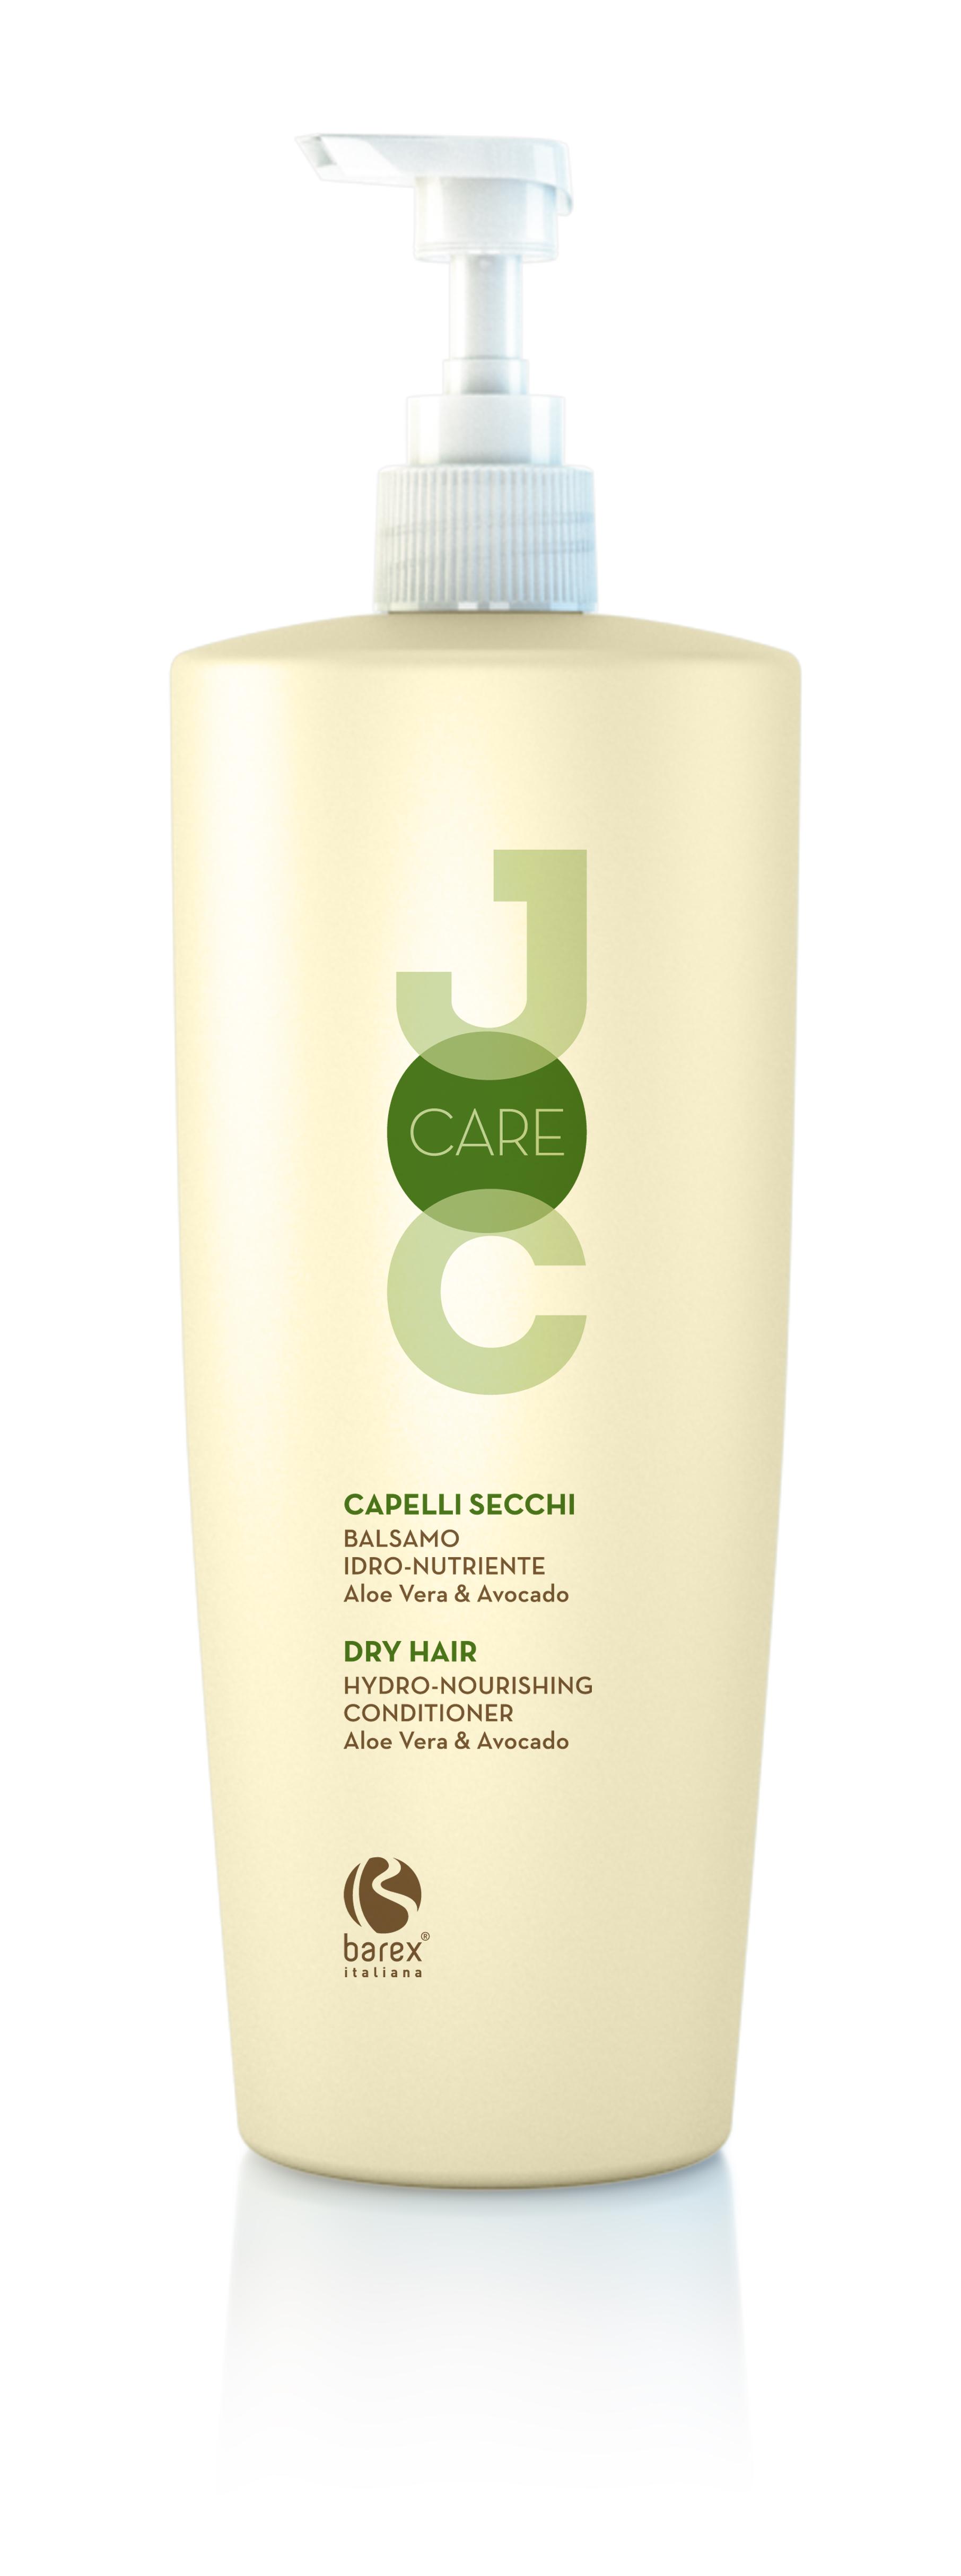 BAREX Бальзам для секущихся и ослабленных волос с Алоэ Вера и Авокадо / JOC CARE 1000млБальзамы<br>Идеально подходит для питания и укрепления сухих и обезвоженных волос, не утяжеляя их. Волосы становятся объёмными, сияющими, легко поддаются укладке. Алоэ вера: растение, богатое минералами, витаминами и аминокислотами, увлажняет волосы. Масло авокадо: ухаживает за сухими и хрупкими волосами, делая их мягкими и шелковистыми. Мгновенно улучшает структуру волос, облегчая их расчёсывание. Активные ингредиенты: алоэ вера, масло авокадо. Способ применения: нанести на чистые влажные волосы, массирующими движениями распределить равномерно по всей длине волос и оставить на несколько минут.<br><br>Назначение: Секущиеся кончики